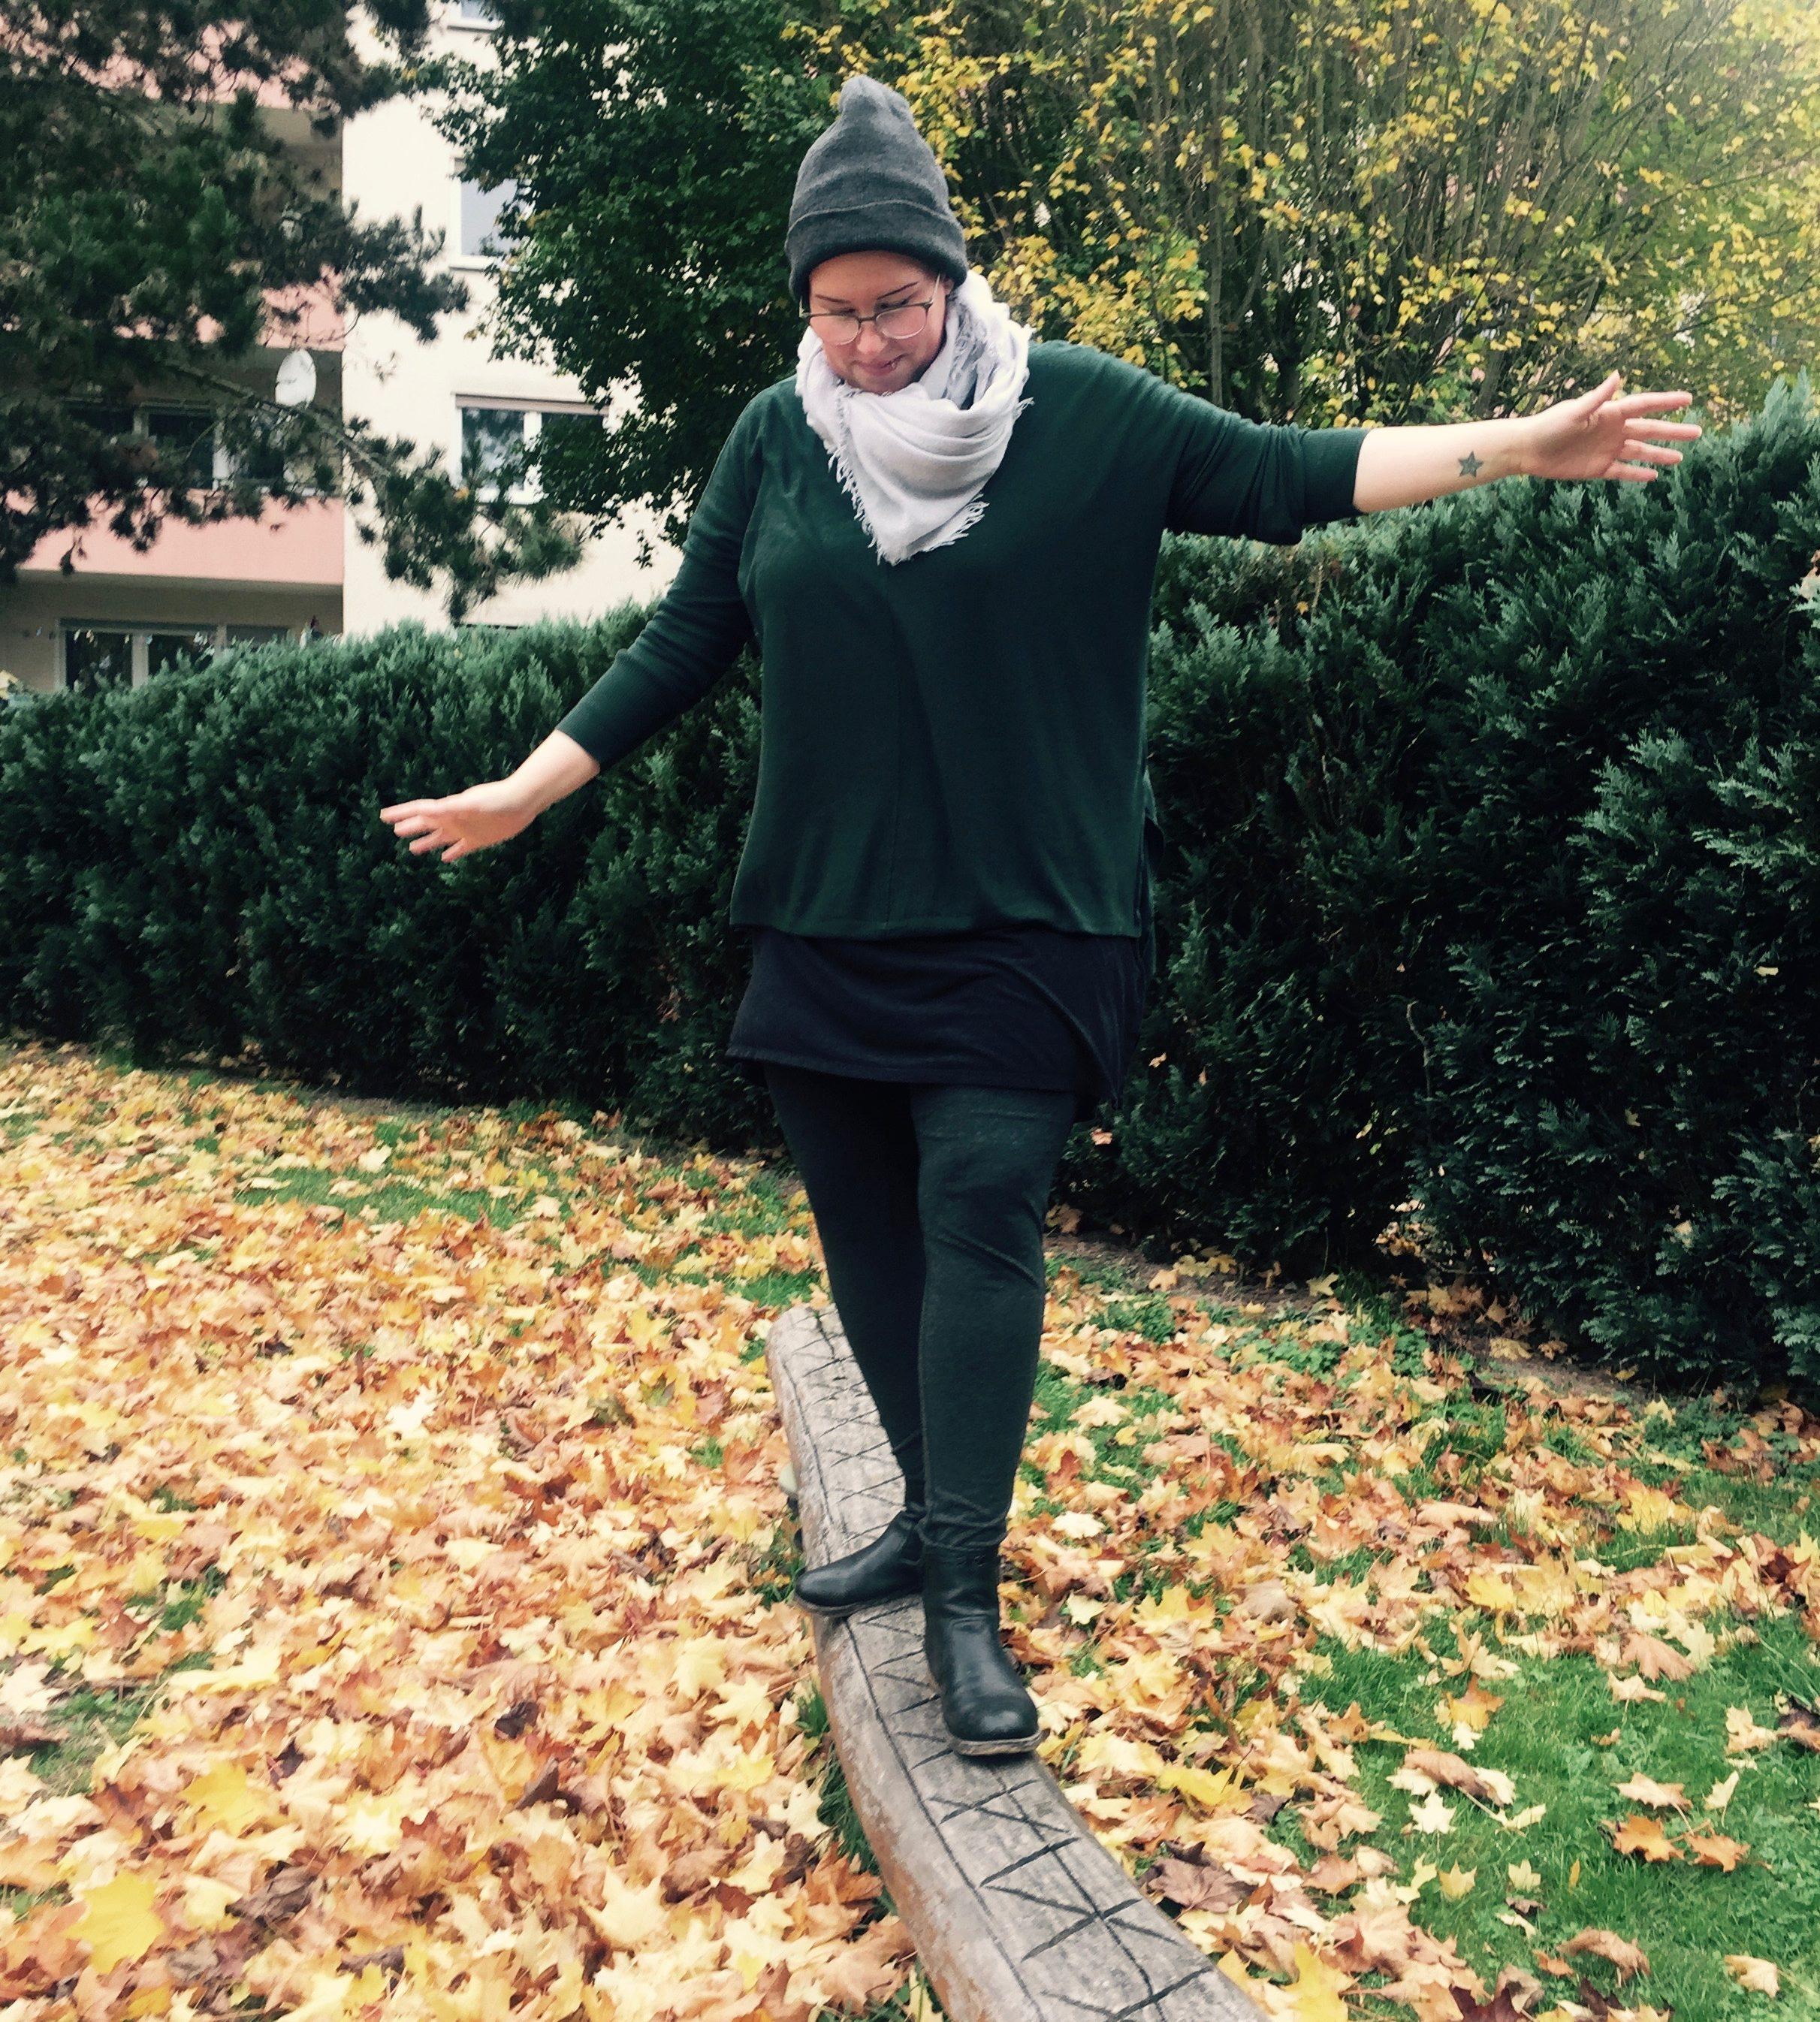 Warum ich ein Coaching gemacht habe und was du daraus lernen kannst. Ich stelle dir drei einfache Übungen vor, für mehr Balance und Selbstliebe.